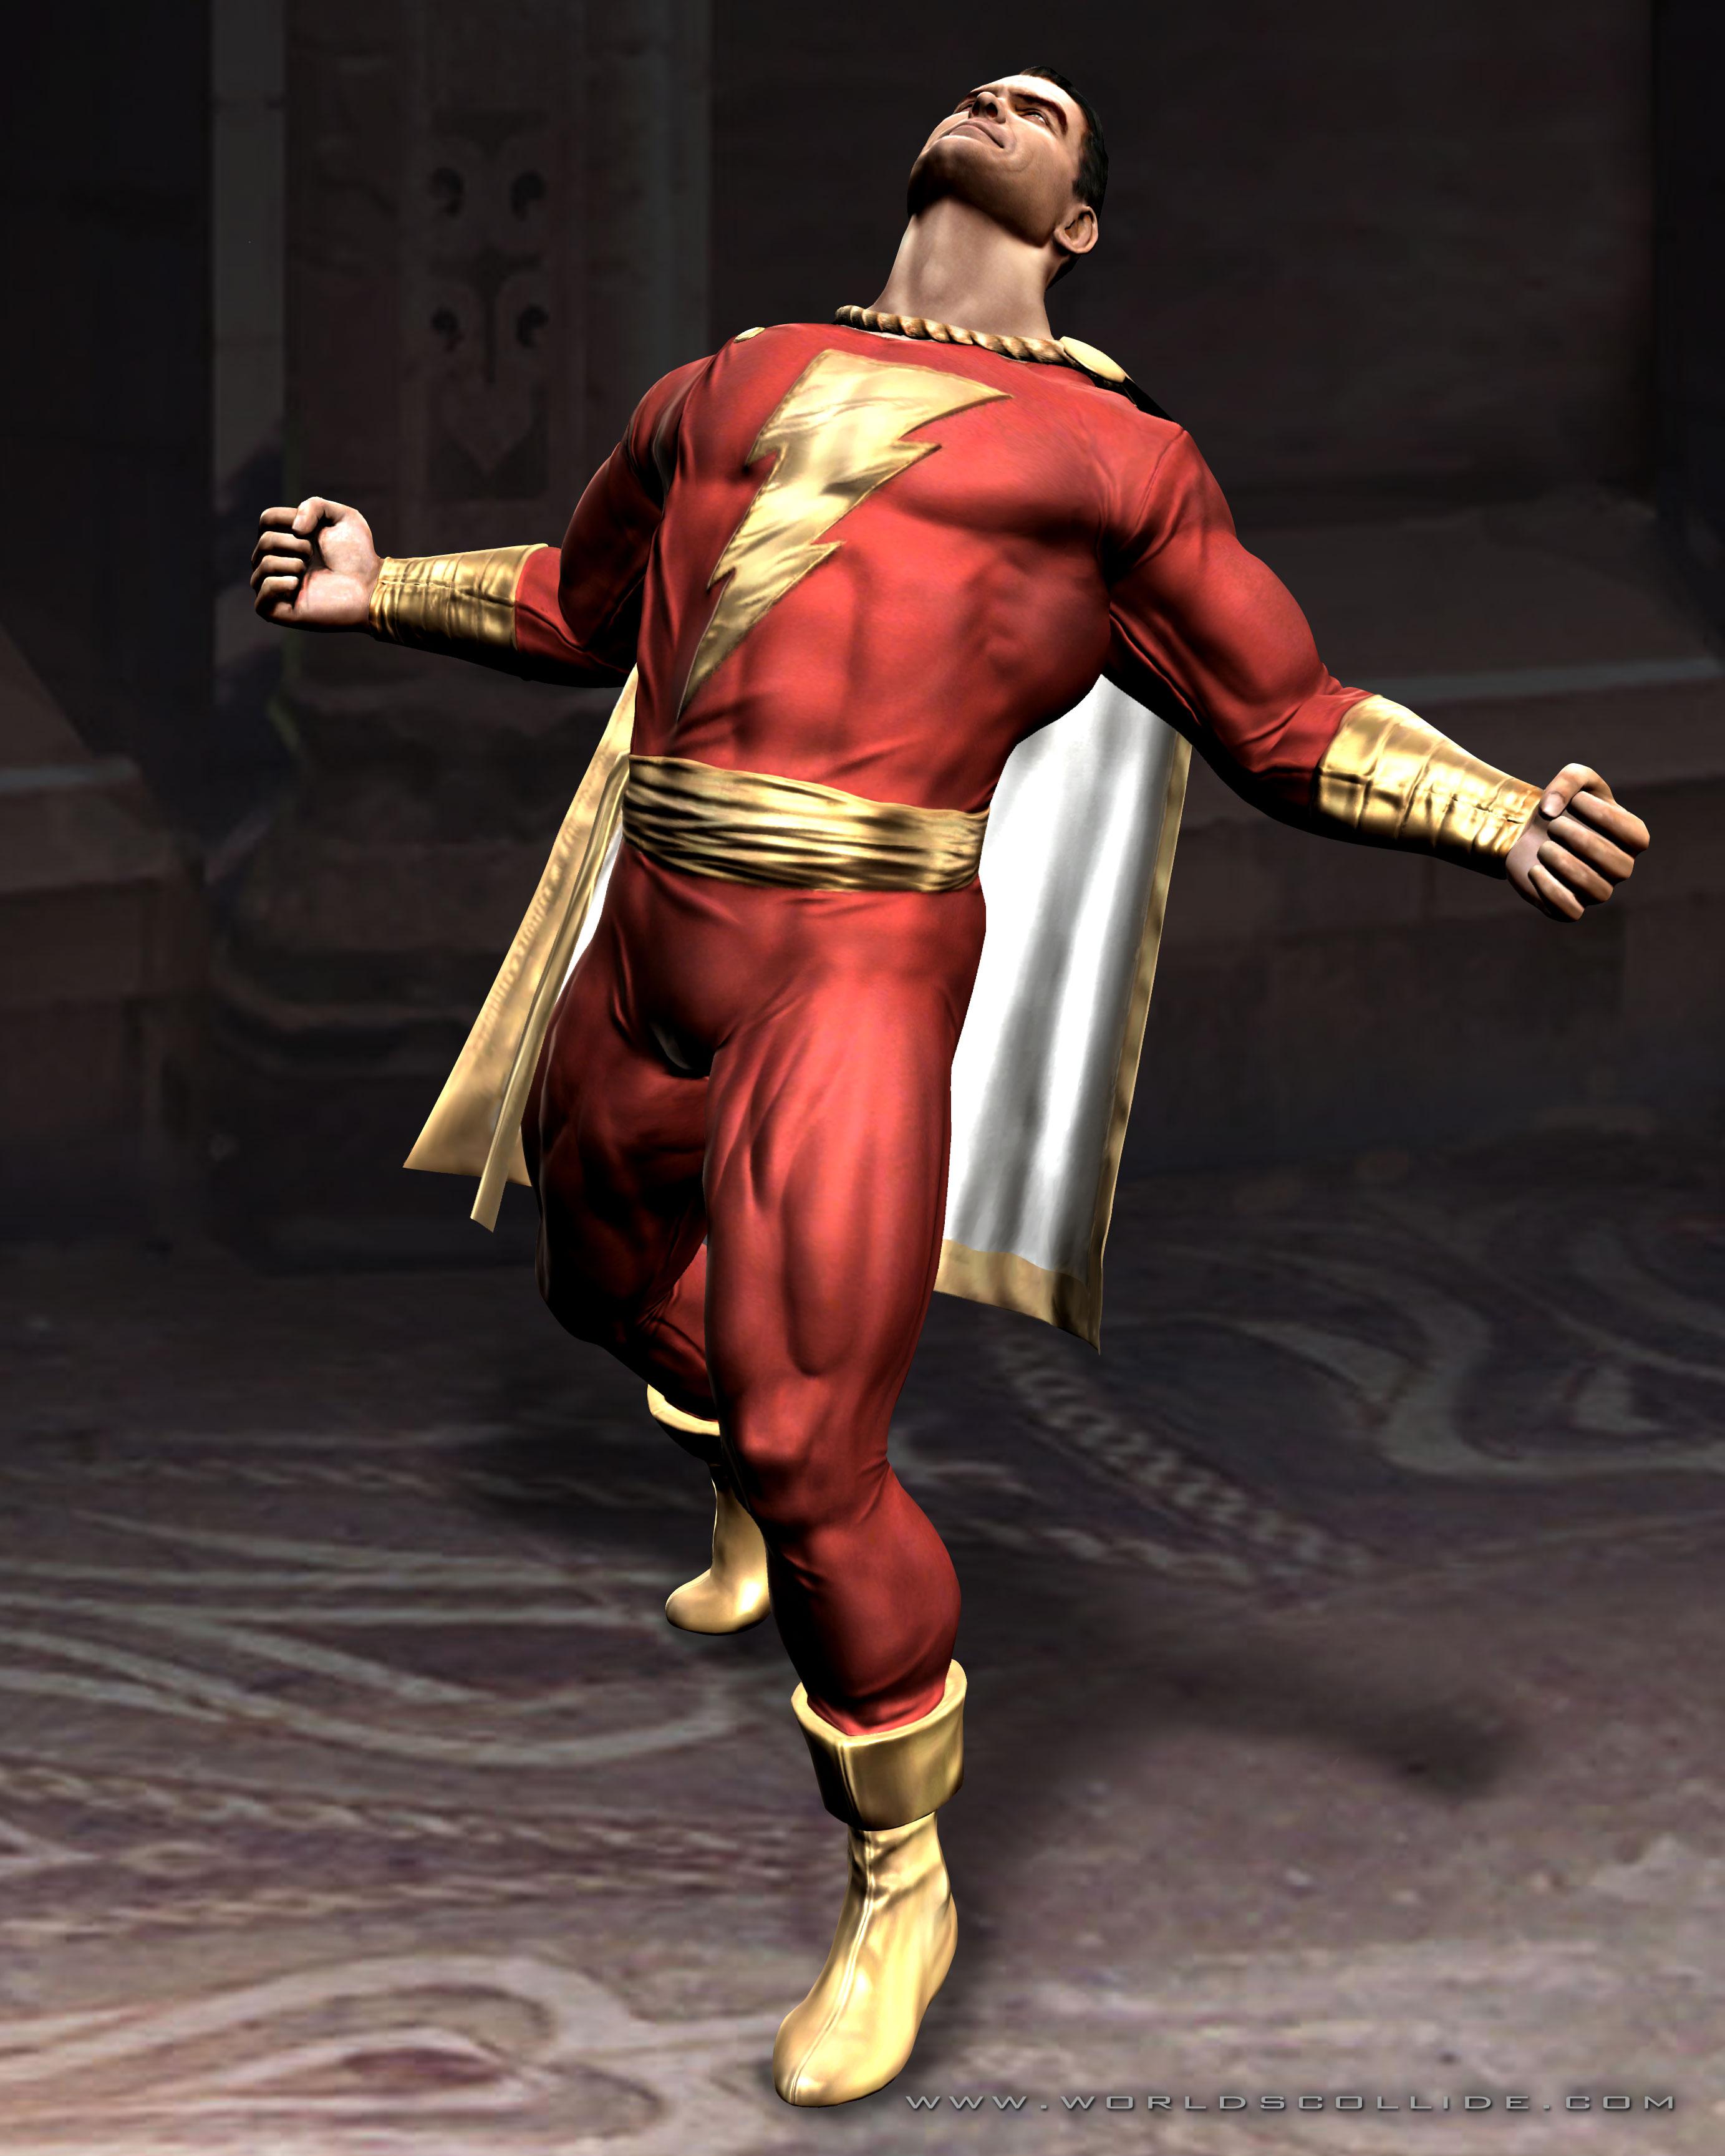 Billy Batson (Mortal Kombat vs. DC Universe)